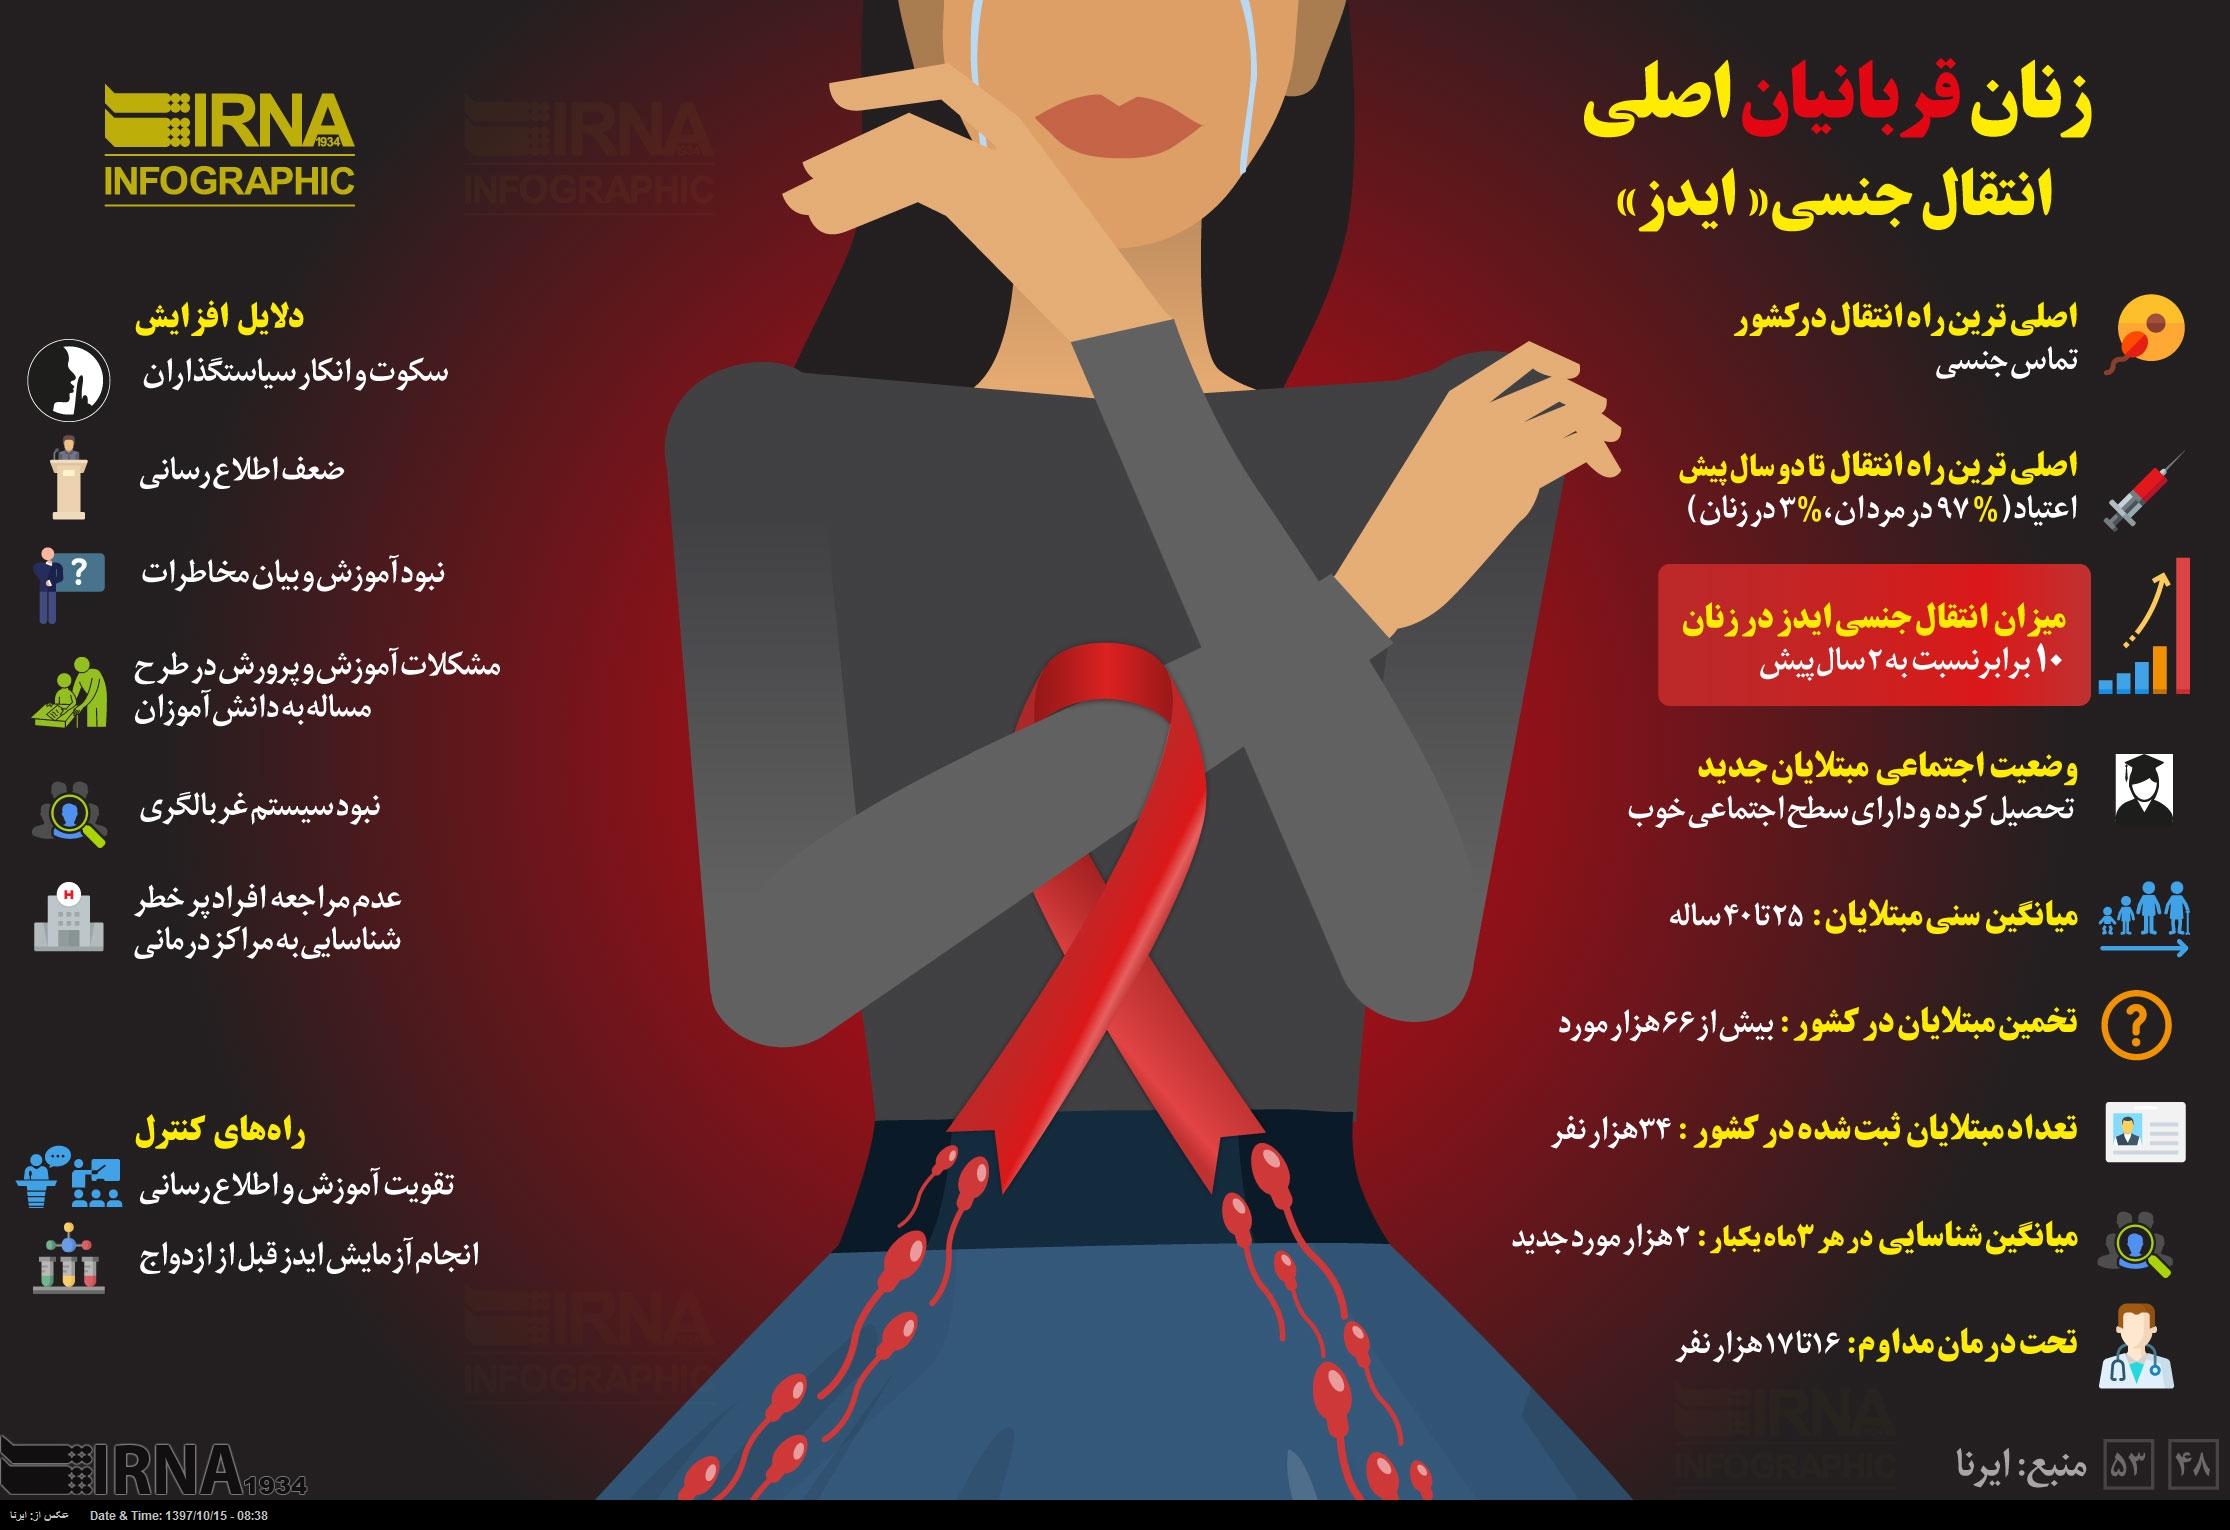 اینفوگرافی/ زنان، قربانیان اصلی انتقال جنسی«ایدز»